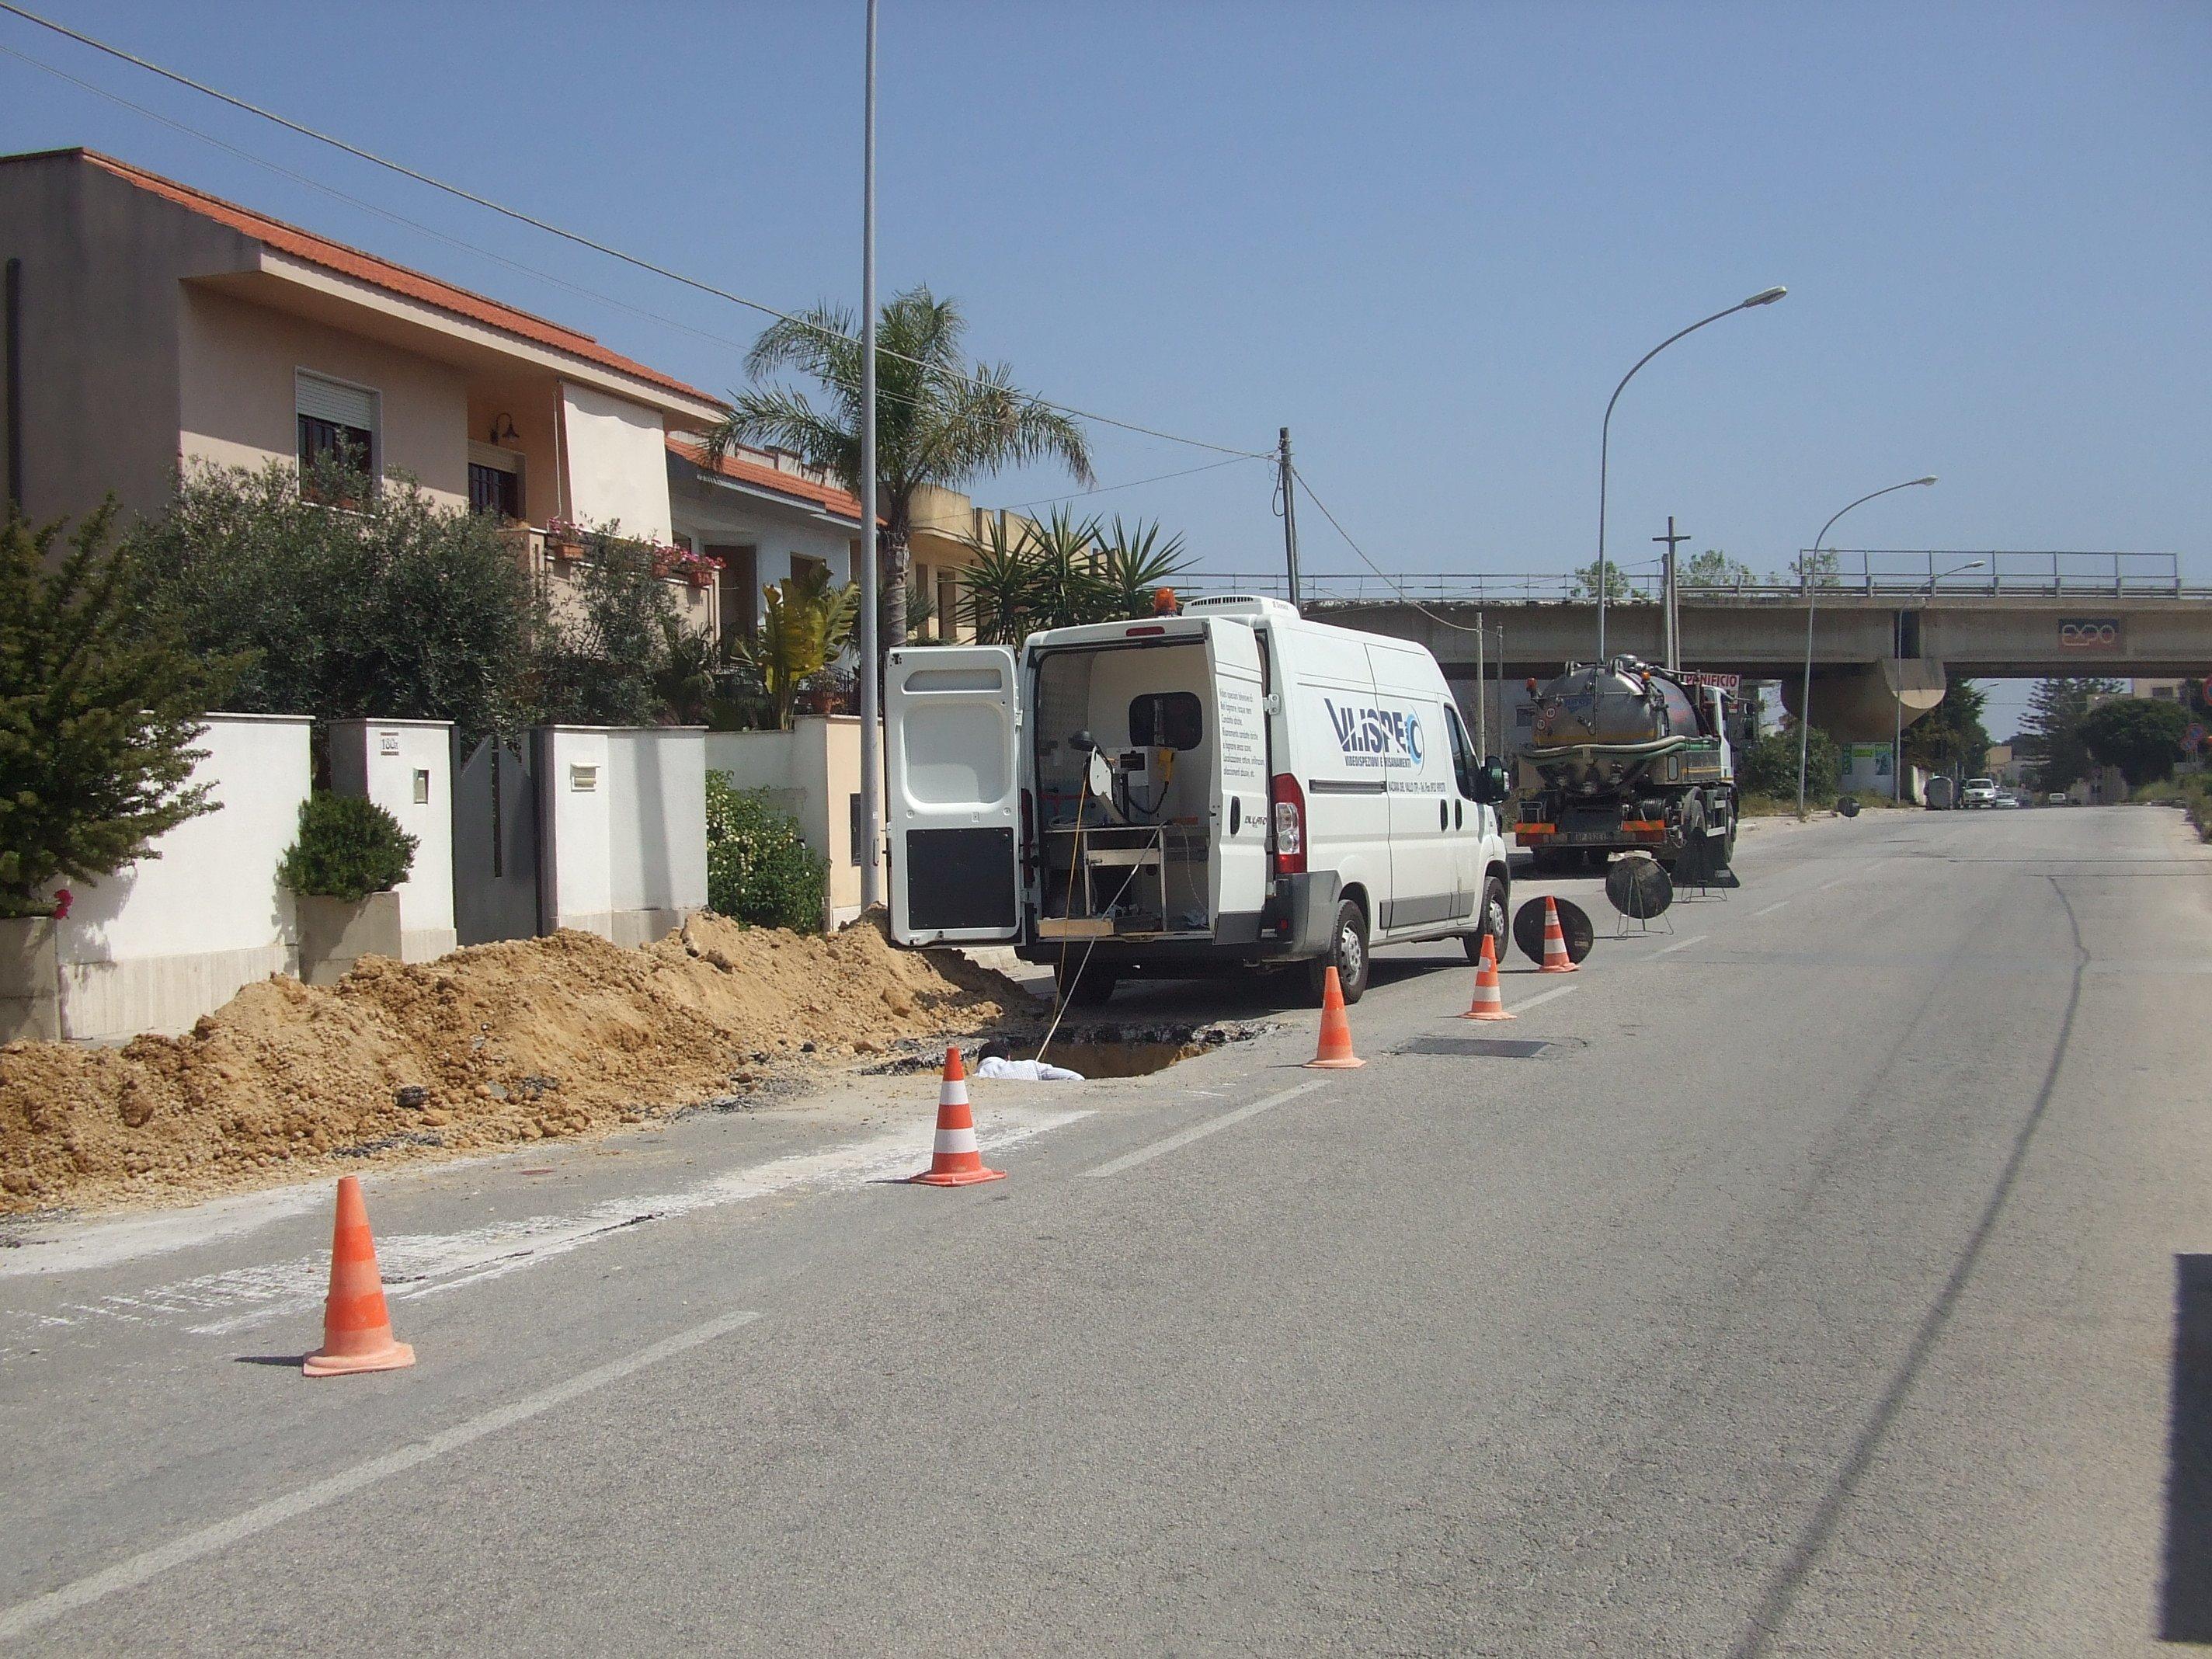 un furgone bianco parcheggiato in strada